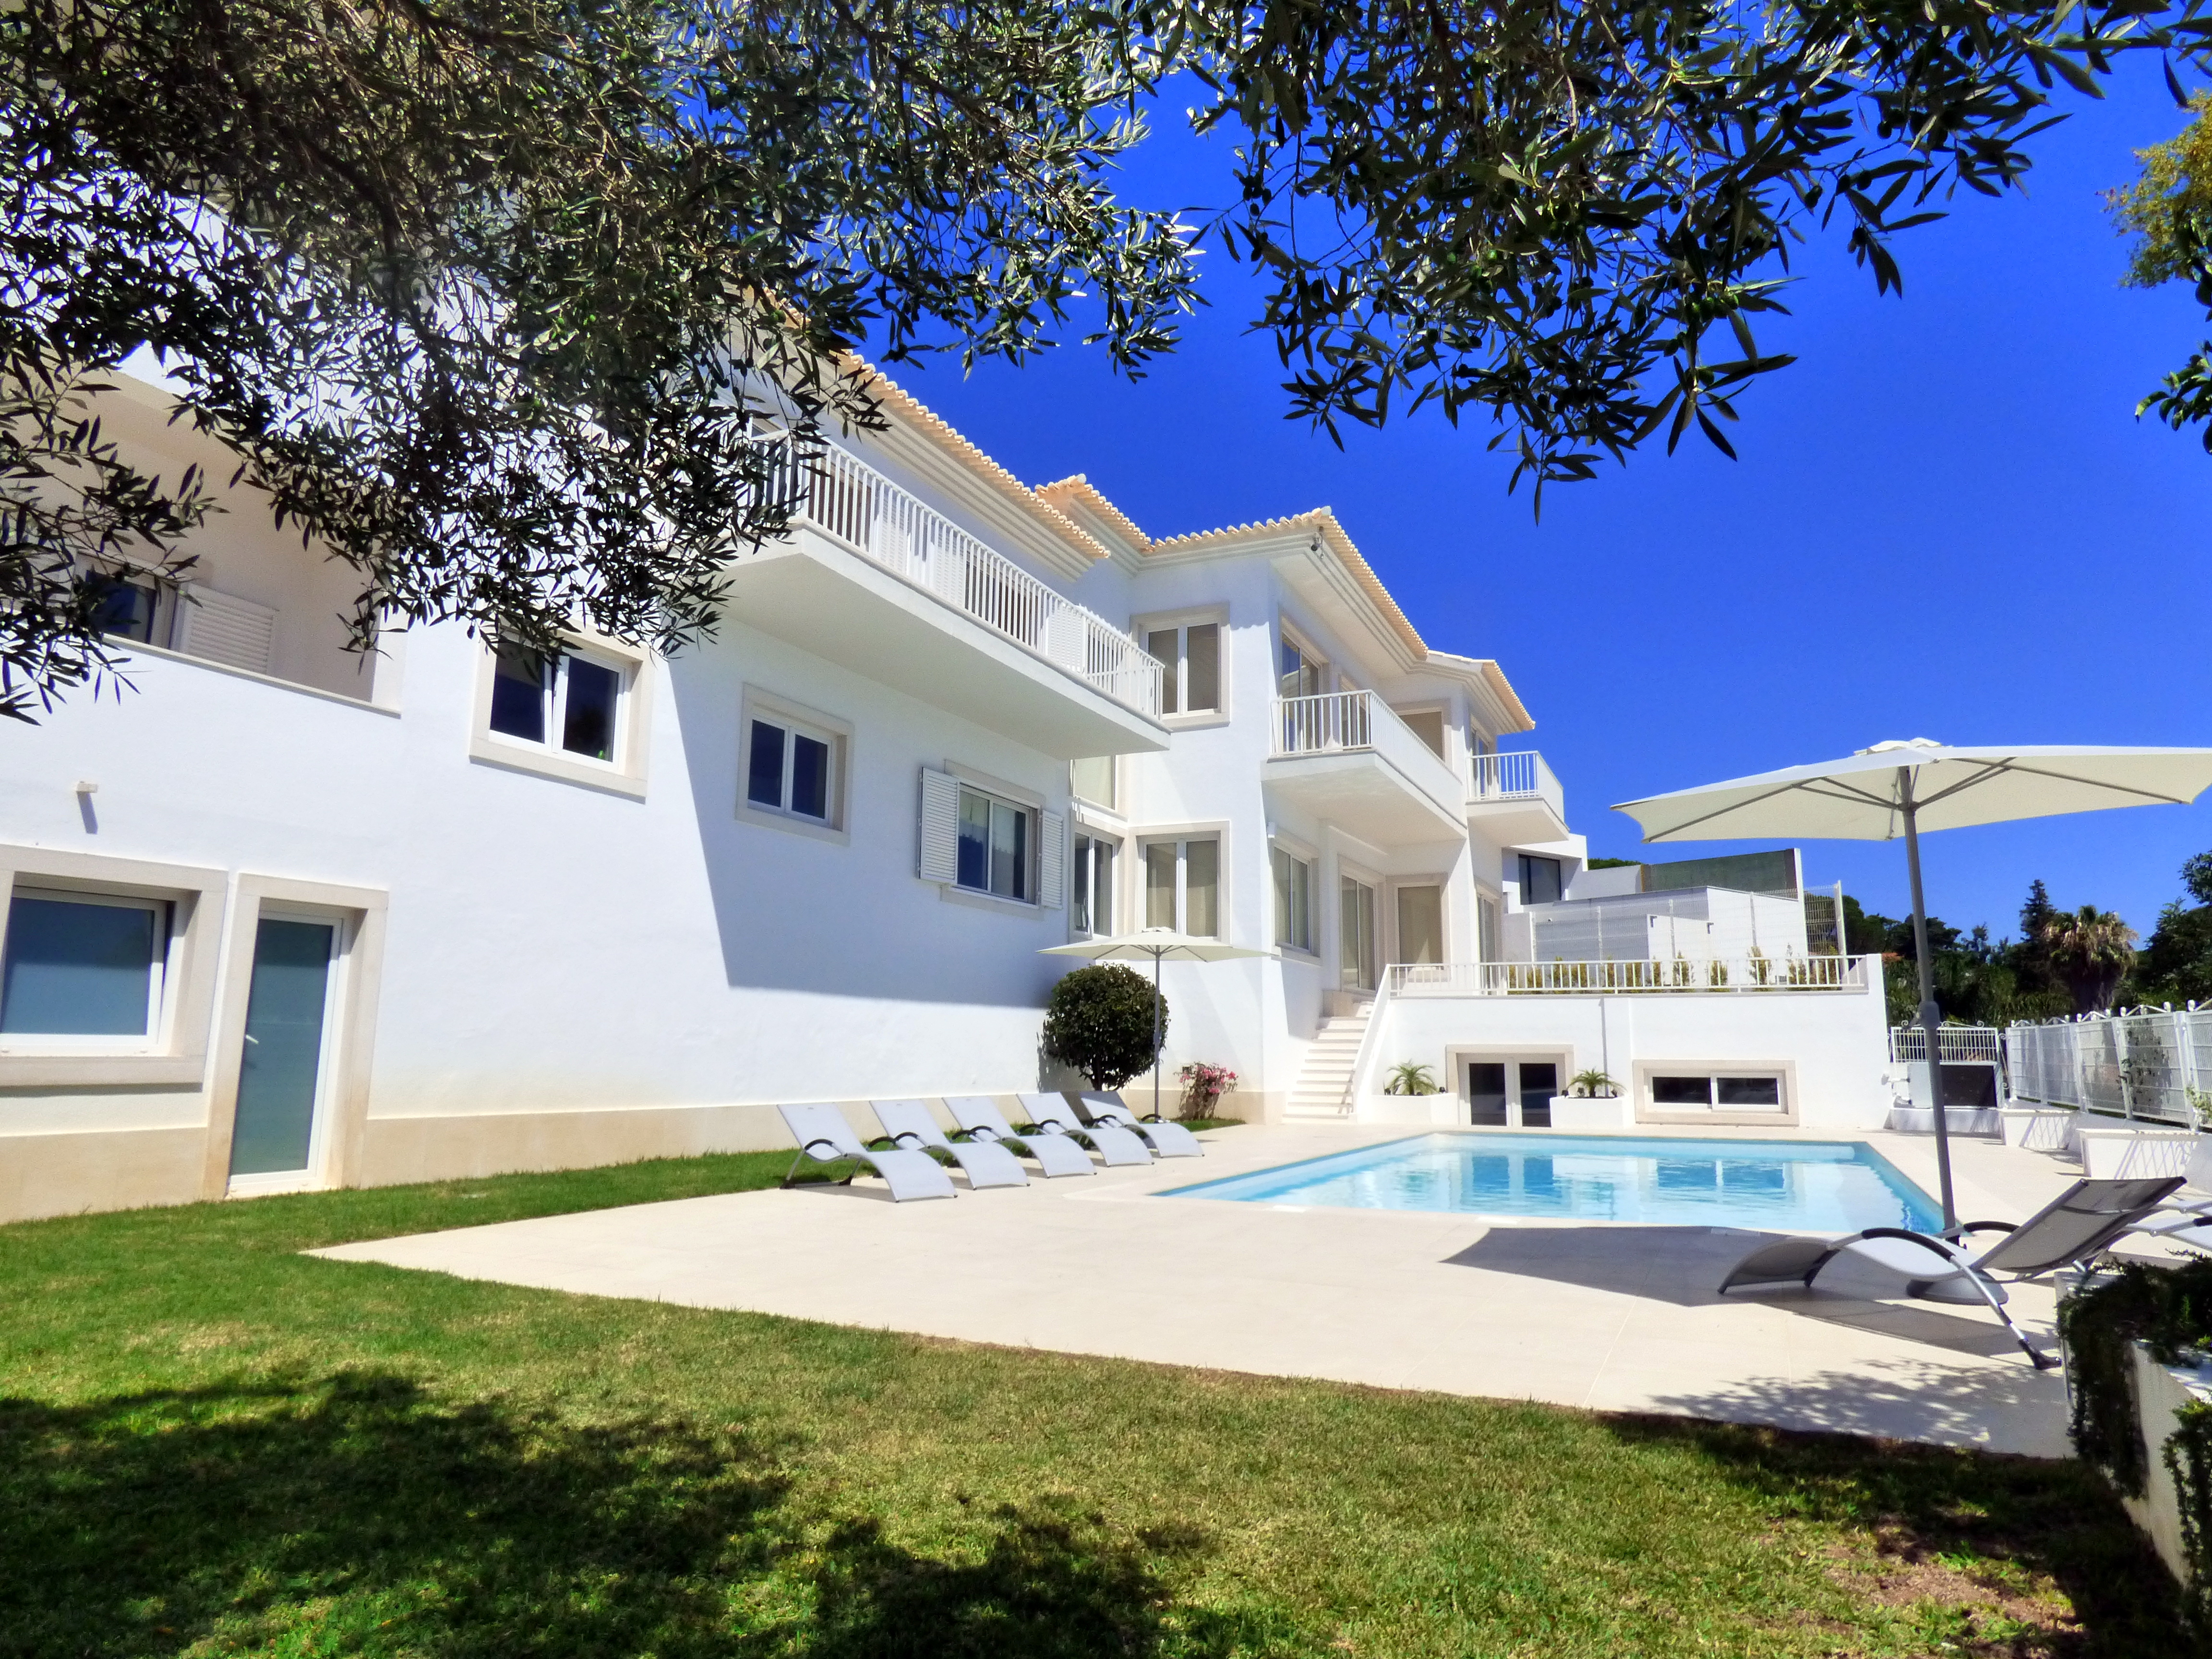 Villa da Luz – Luxury villa with private pool in Estoril